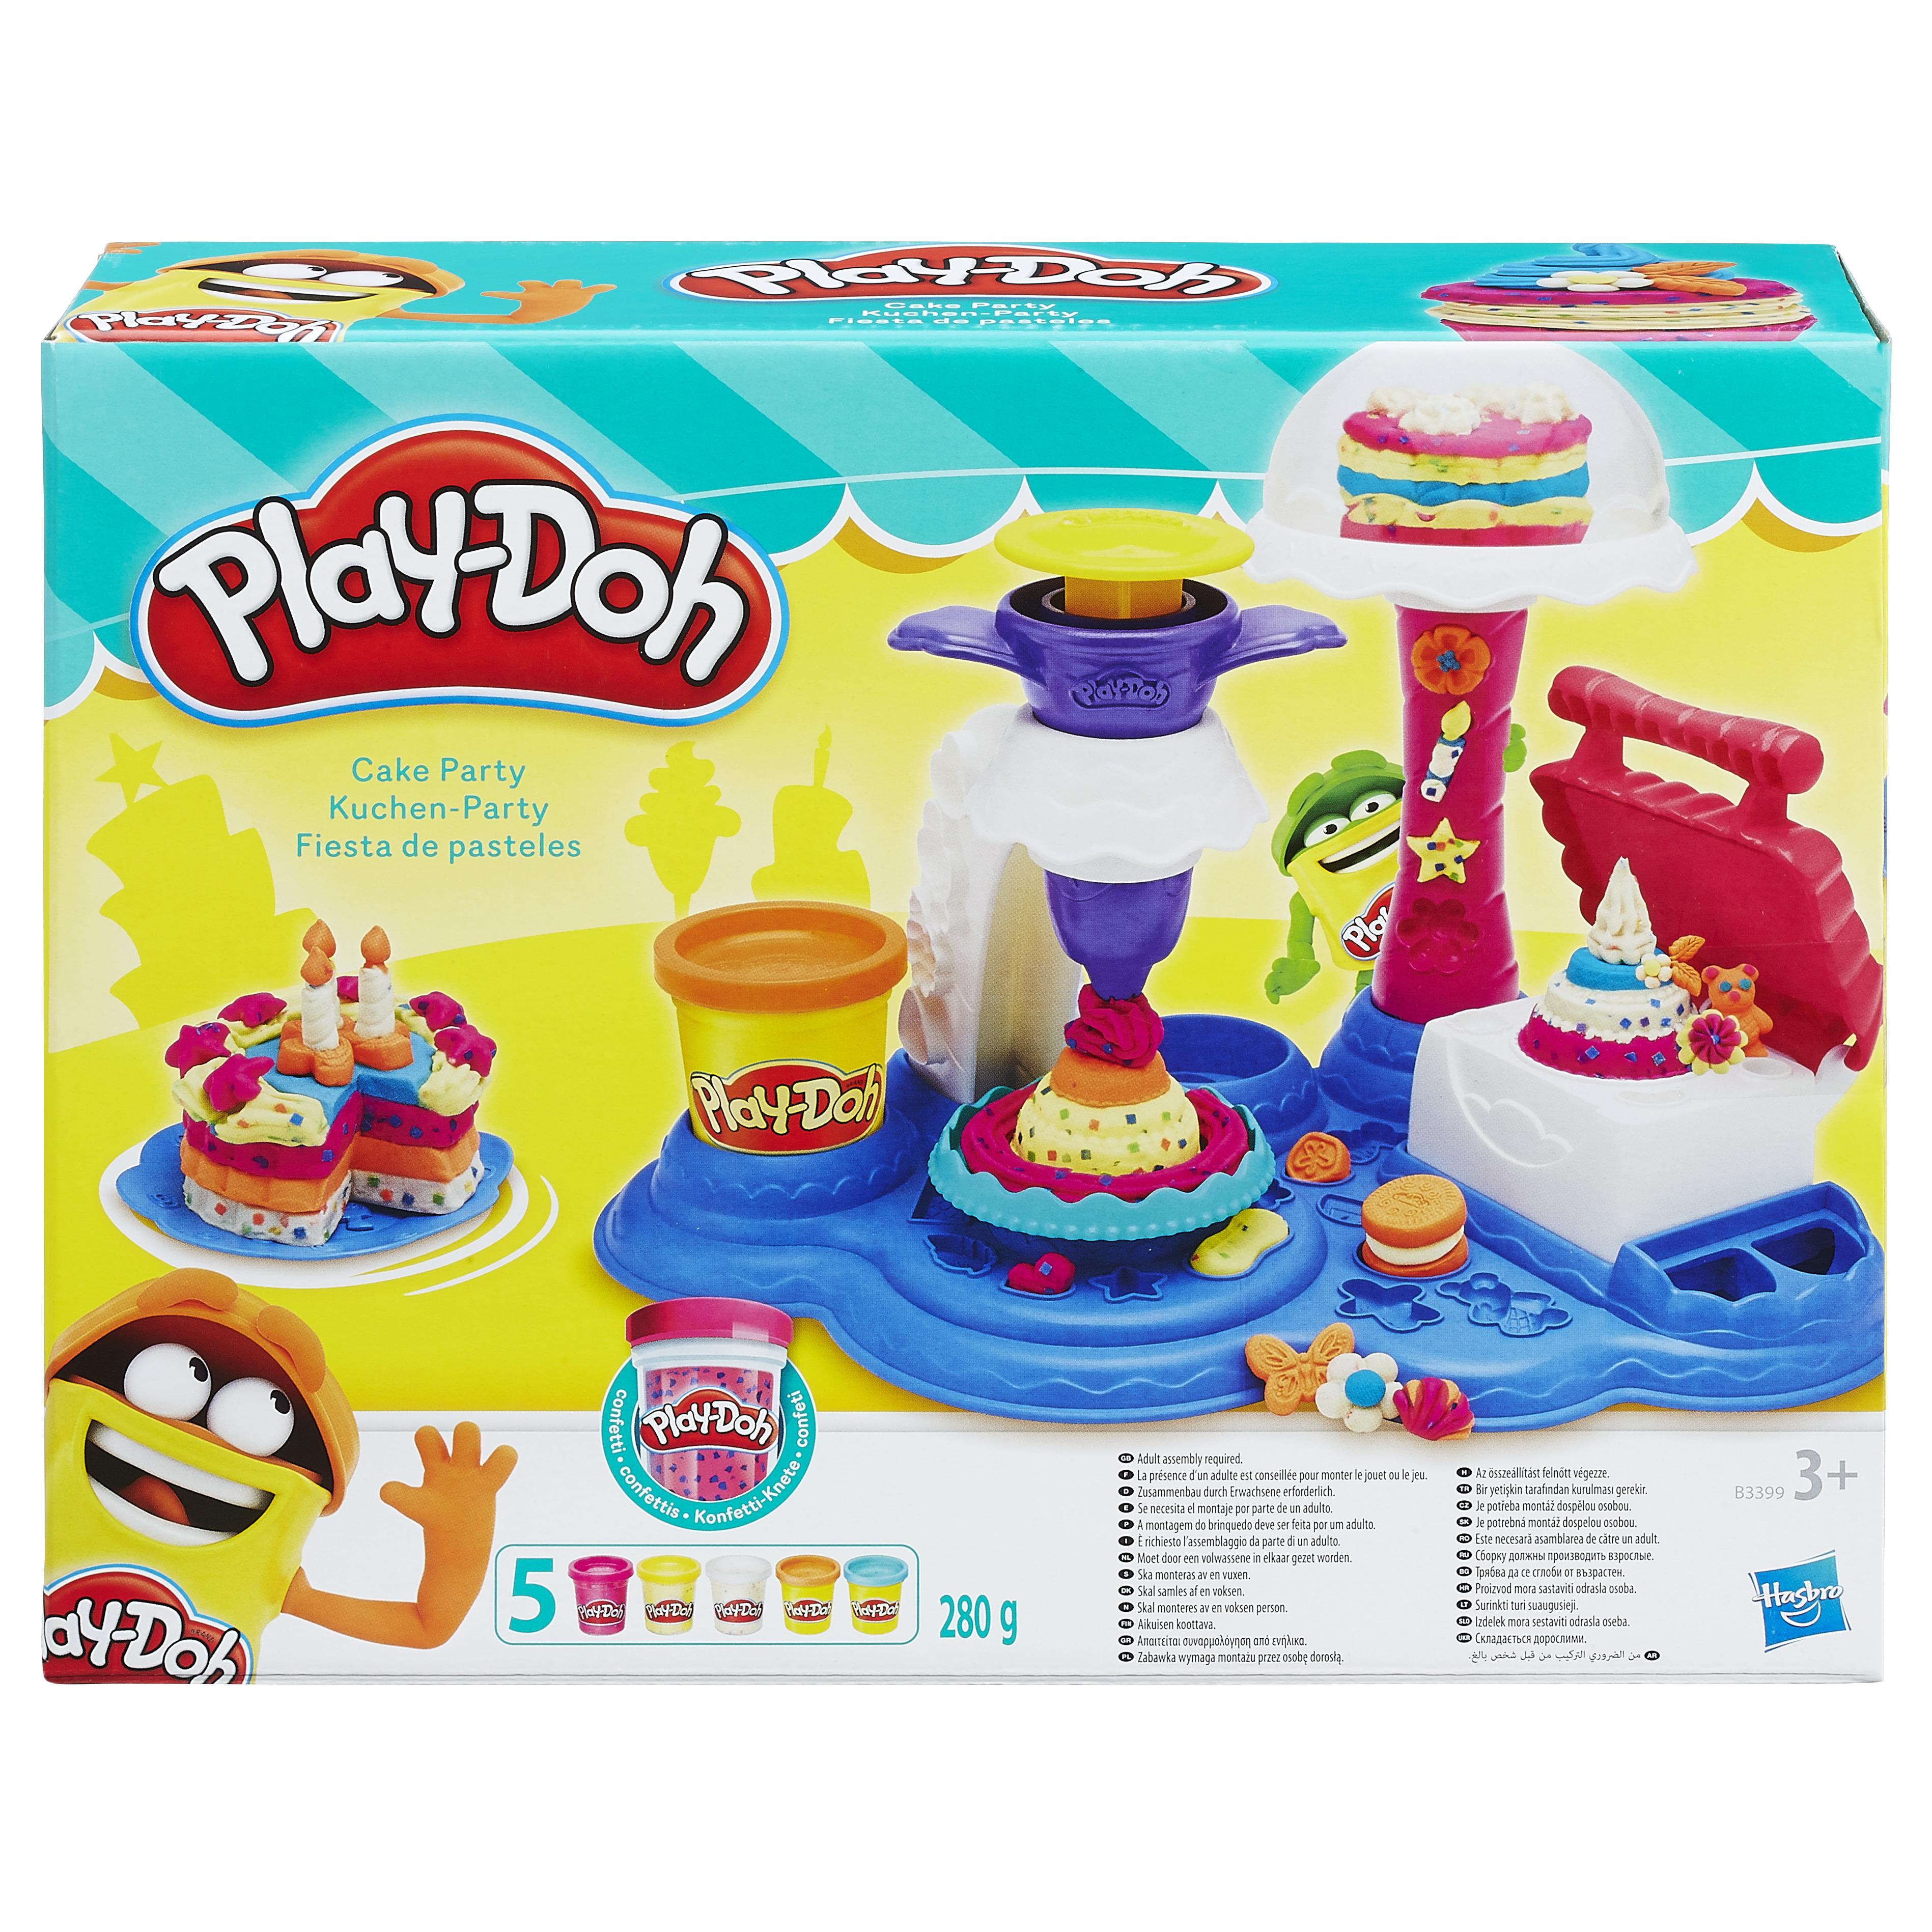 Купить Игрушка Play-Doh Игровой набор Сладкая вечеринка , Hasbro play-doh, Китай, Наборы игровые